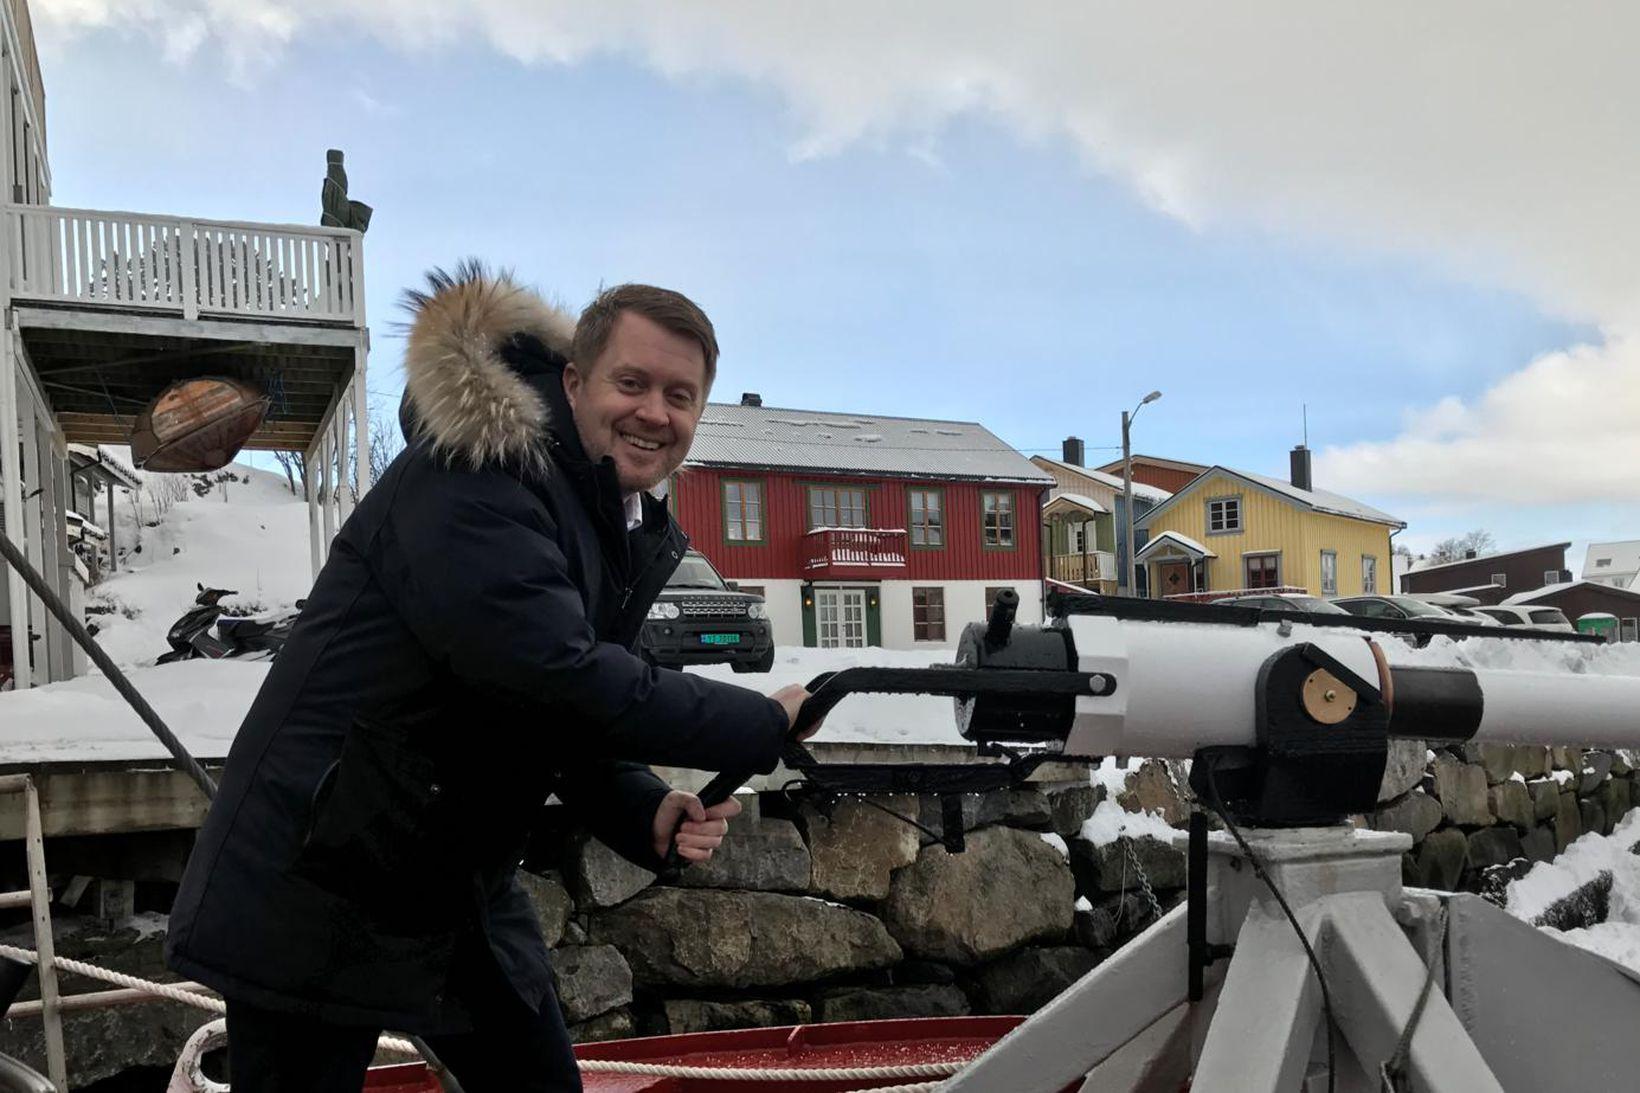 Øyvind A. Haram, samskiptastjóri samtaka norskra sjávarfangsfyrirtækja, segir að hrefnuveiðar …